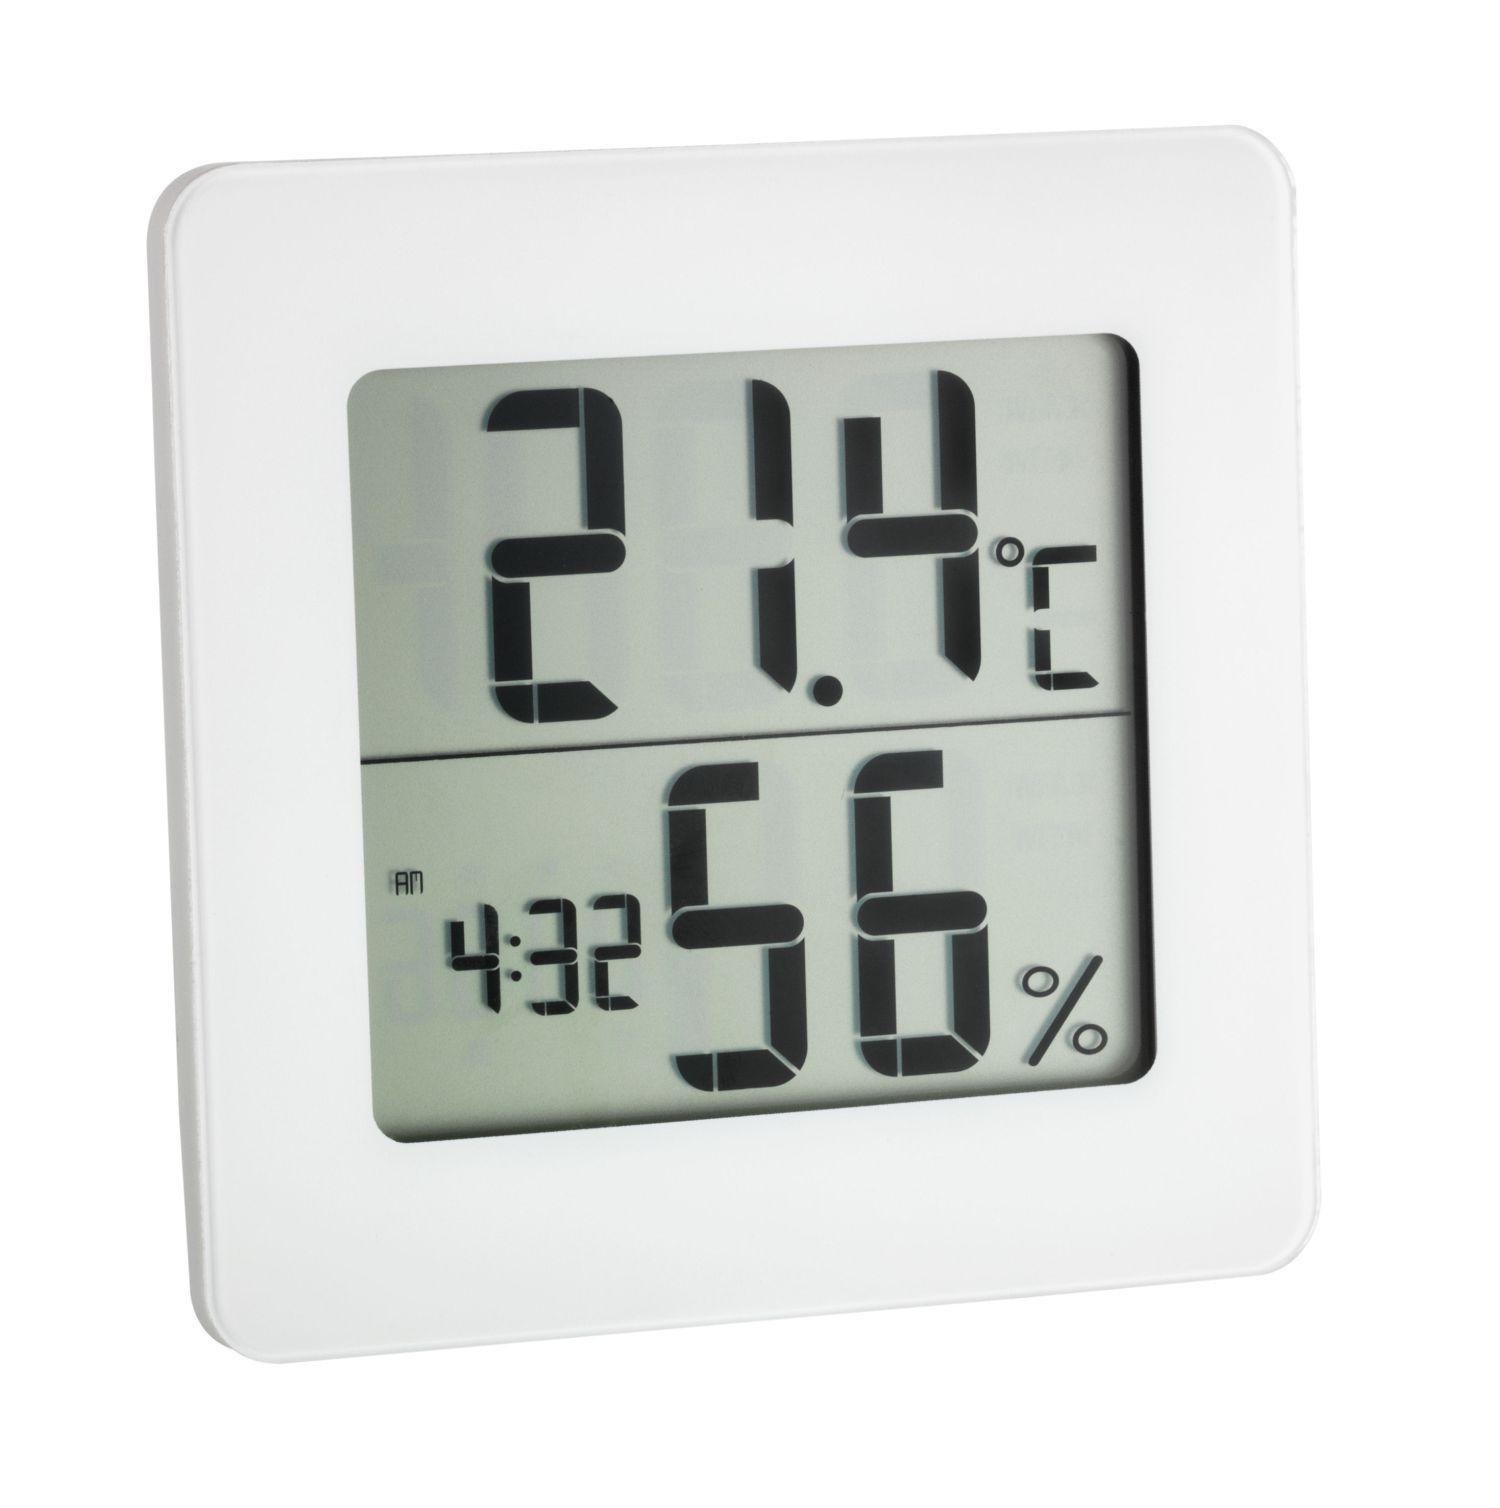 Digitální teploměr s vlhkoměrem, hodinami TFA 30.5033.02, bílý